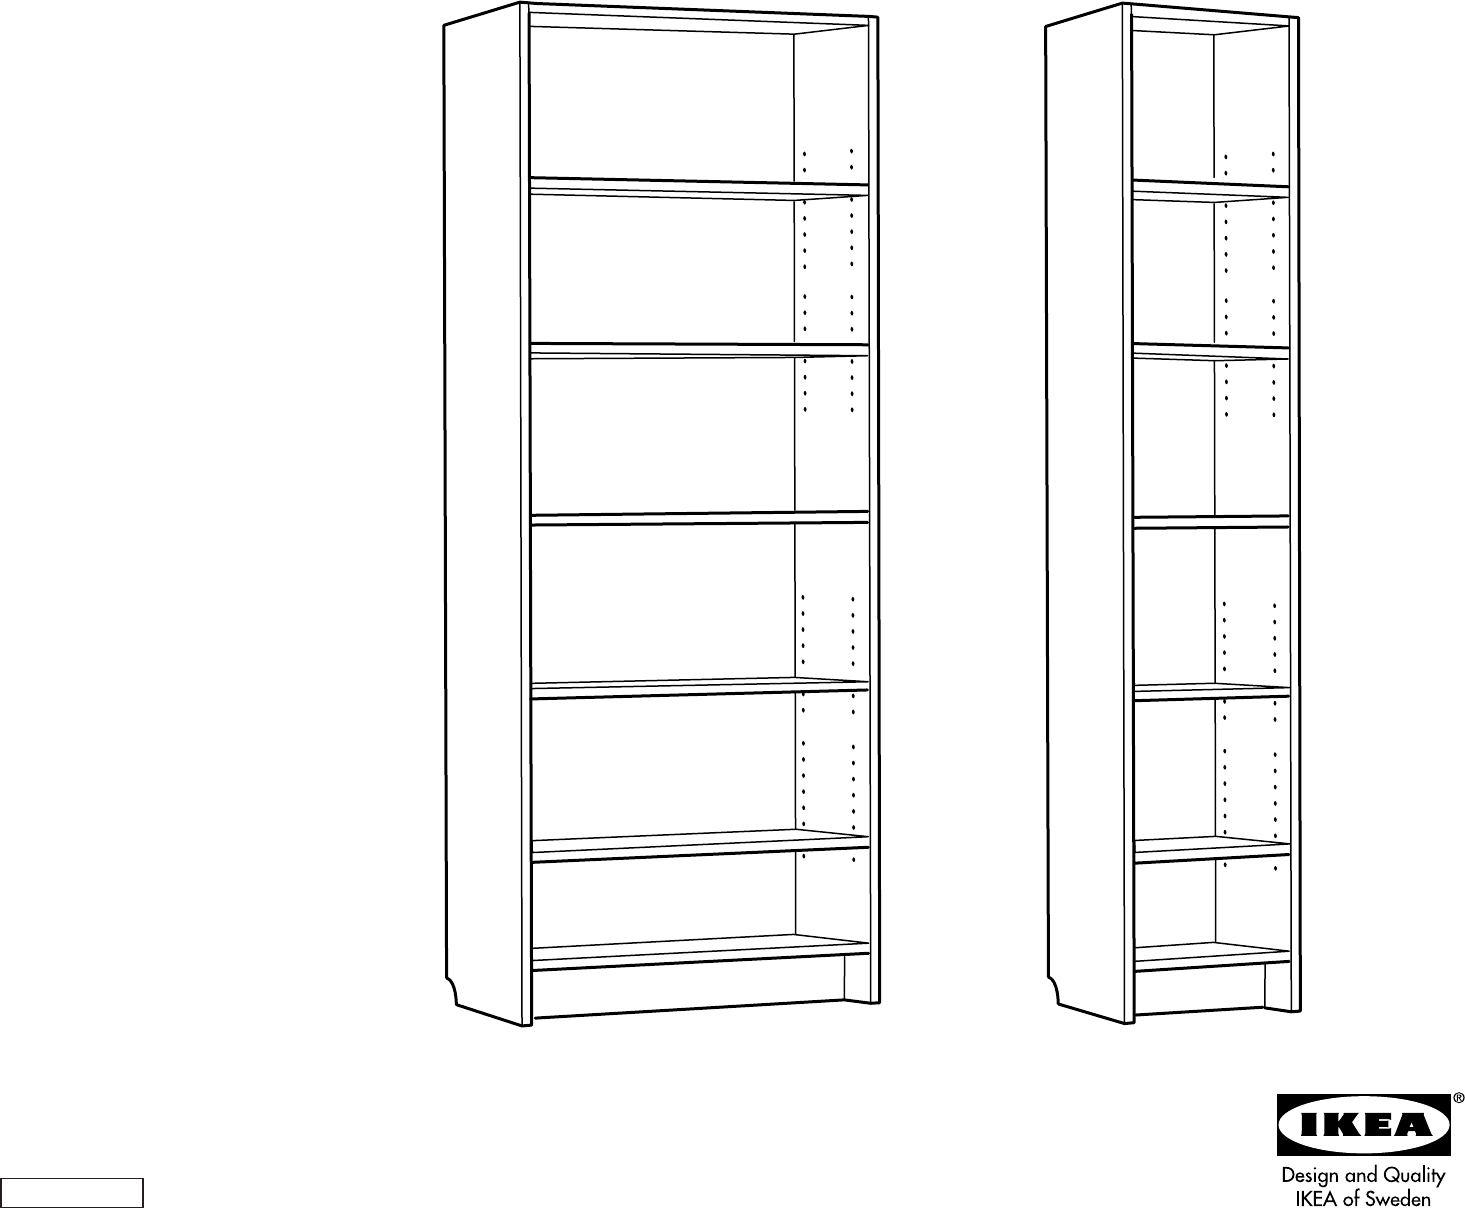 Handleiding Ikea Billy boekenkast 2 (pagina 1 van 8) (Dansk, Deutsch ...